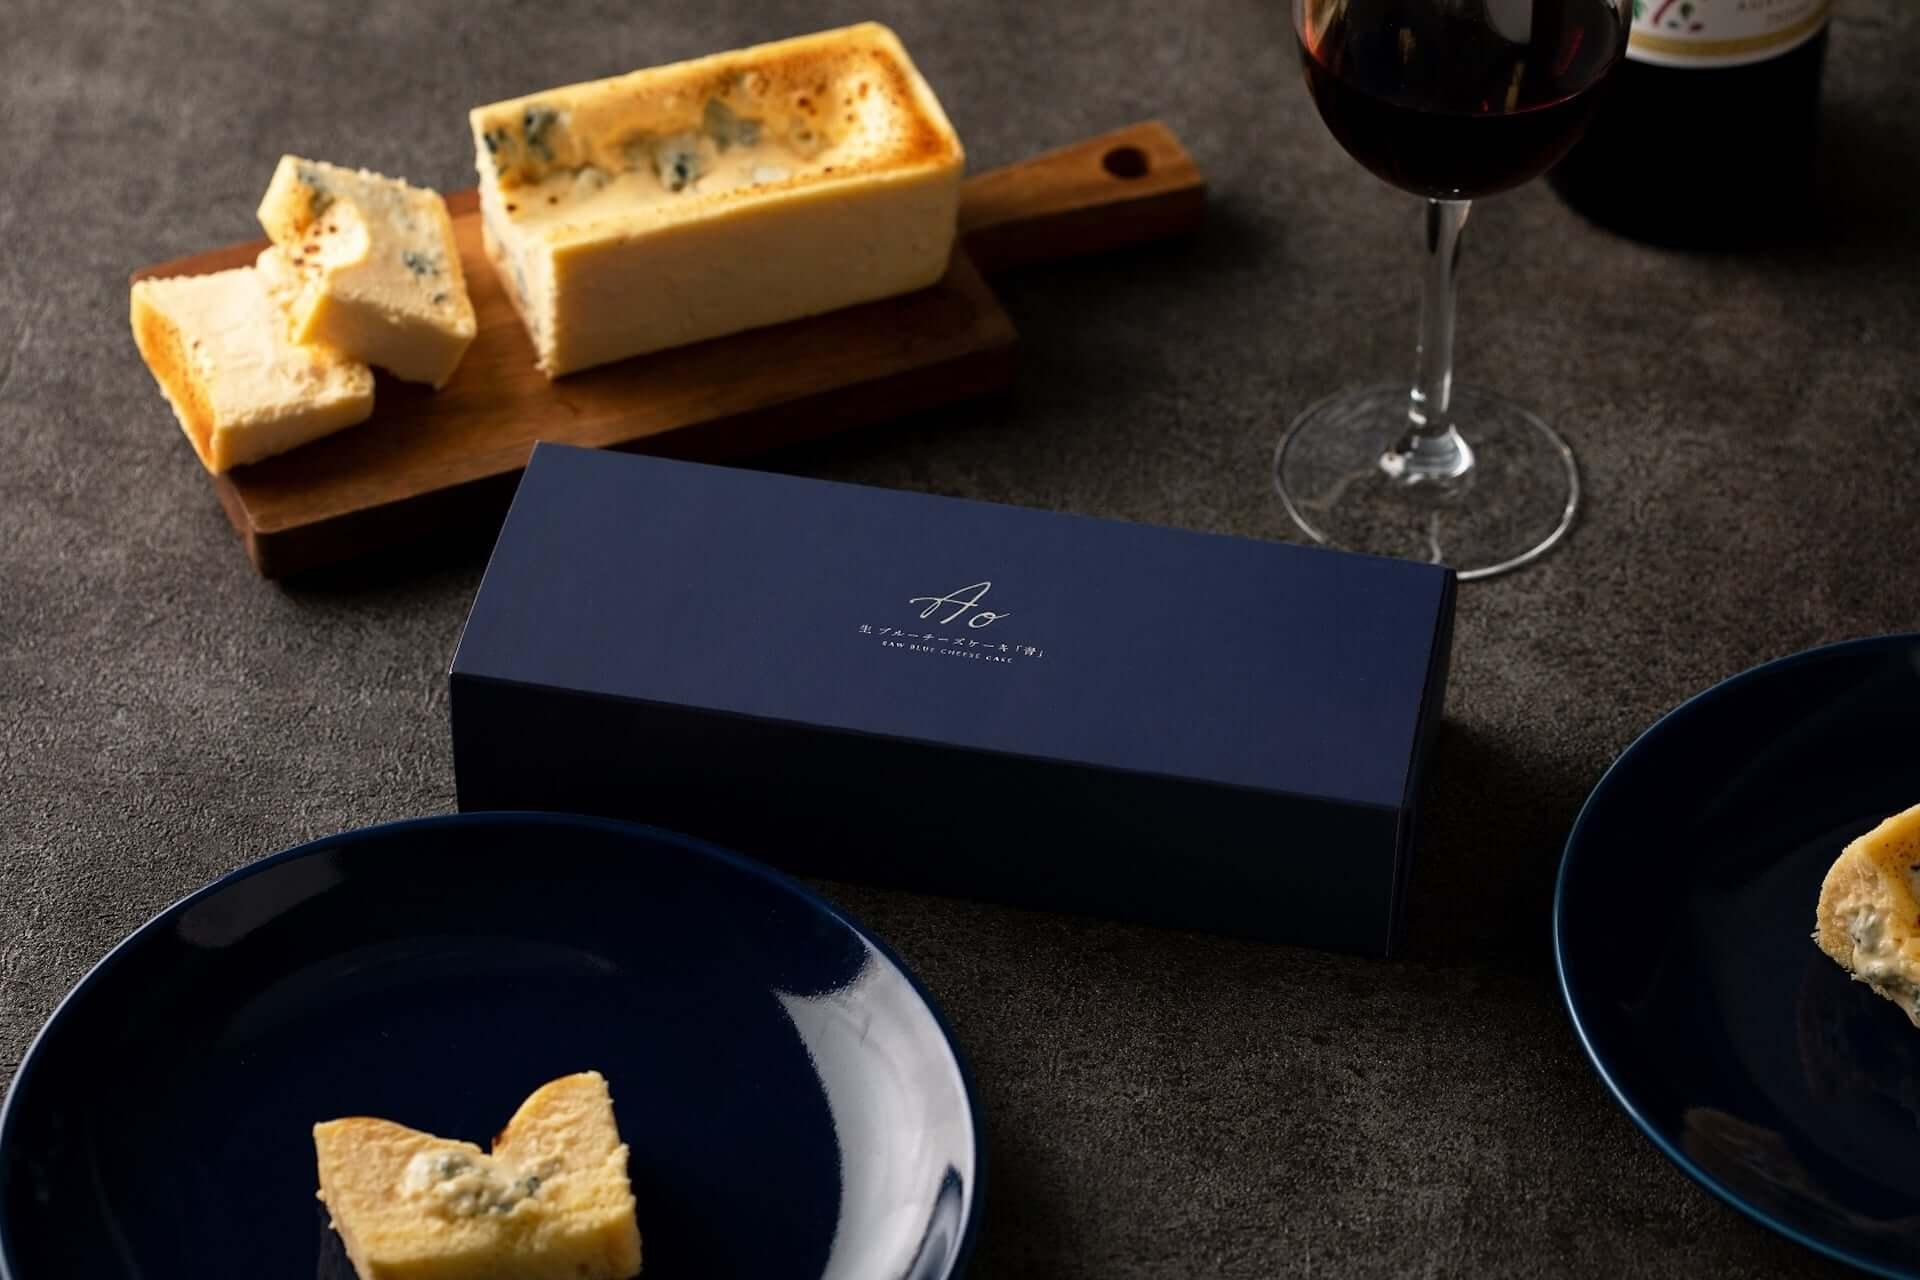 熟成ゴルゴンゾーラを使用した生ブルーチーズケーキ専門店「青」がルミネ立川に期間限定オープン!ホワイトデー企画も実施 gourmet210305_cheesecake-ao_3-1920x1280